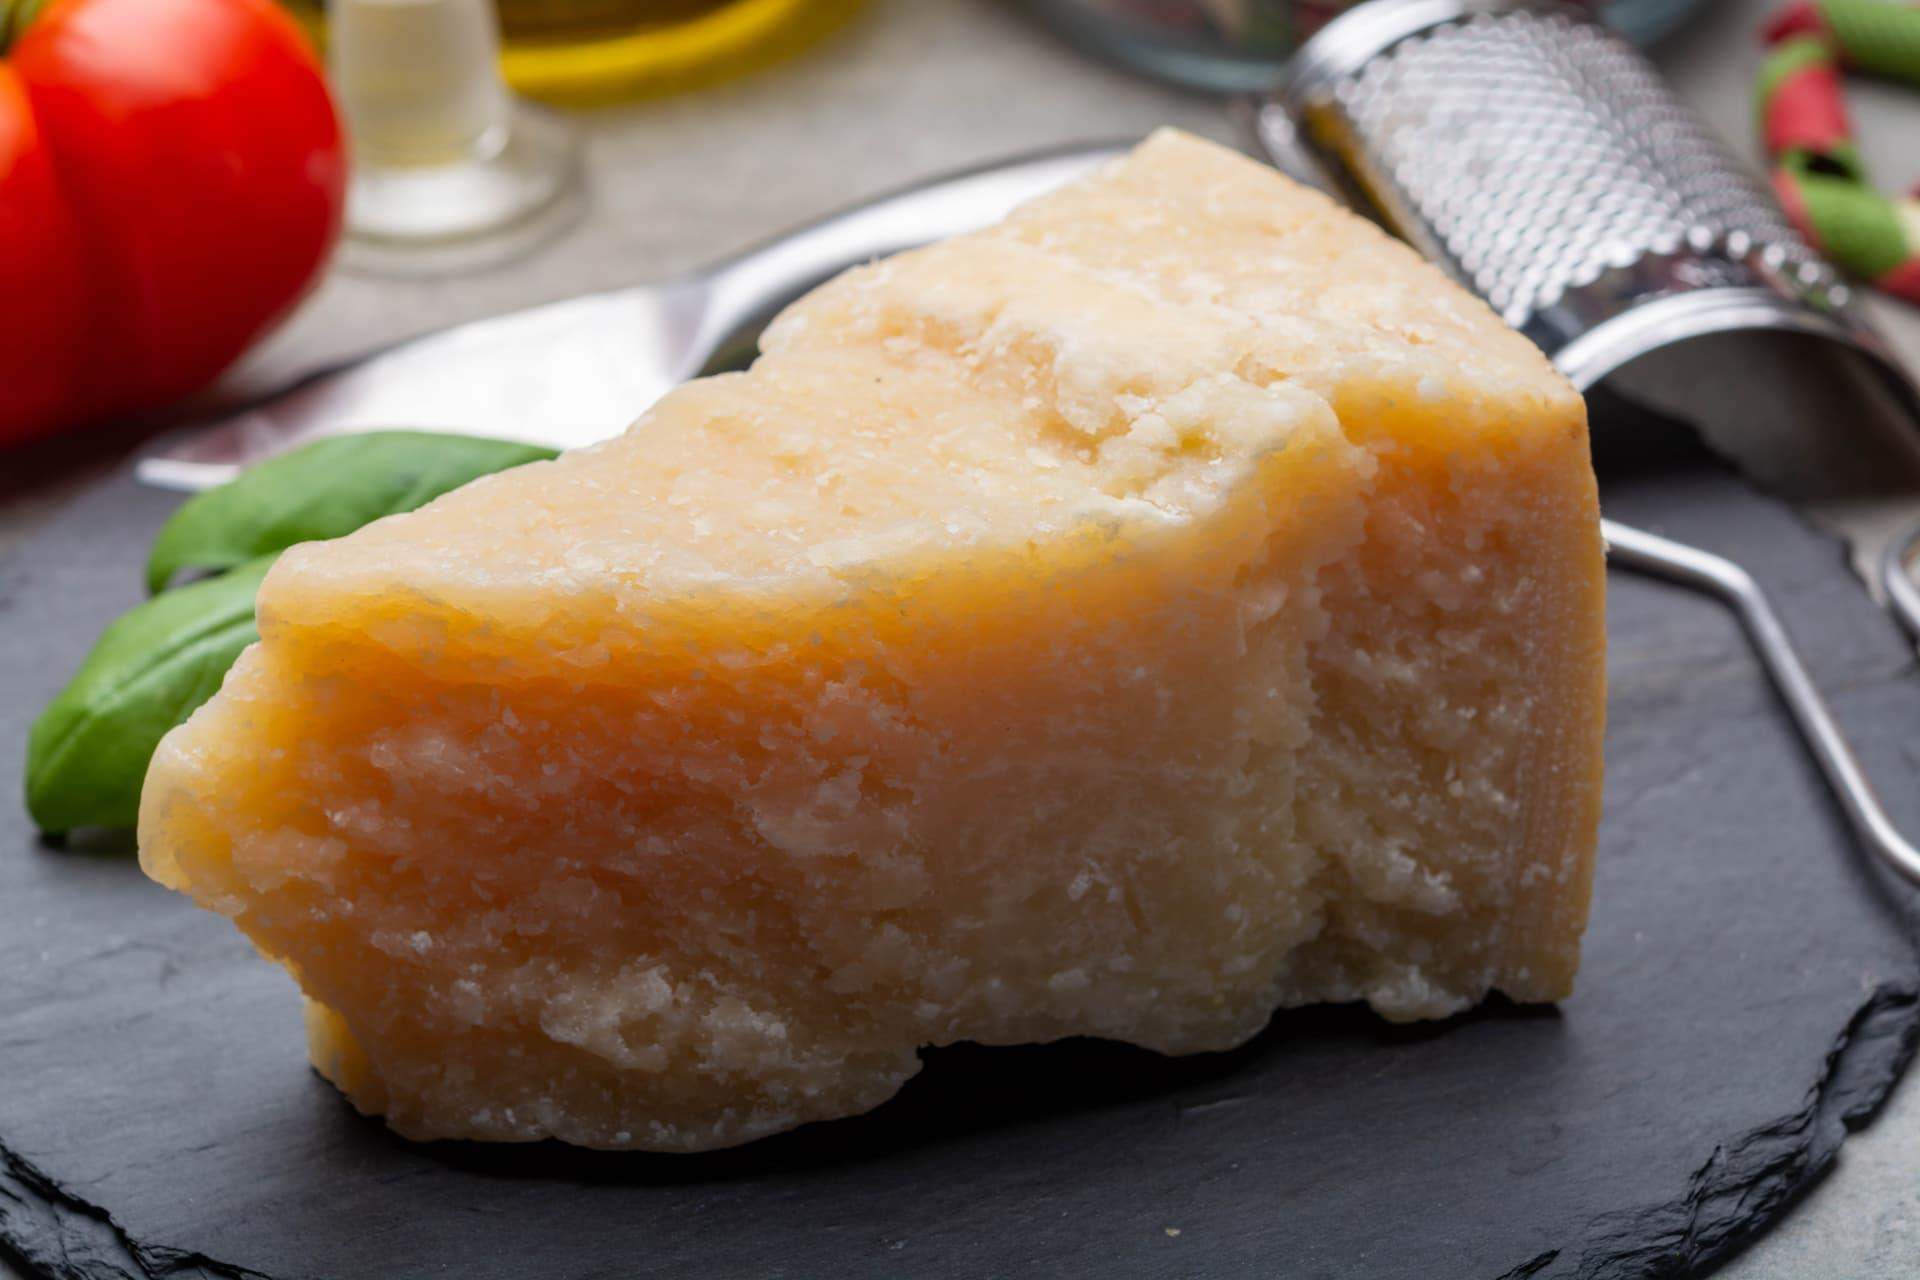 Parmesan - Platz 3 eiweißhaltige Lebensmittel